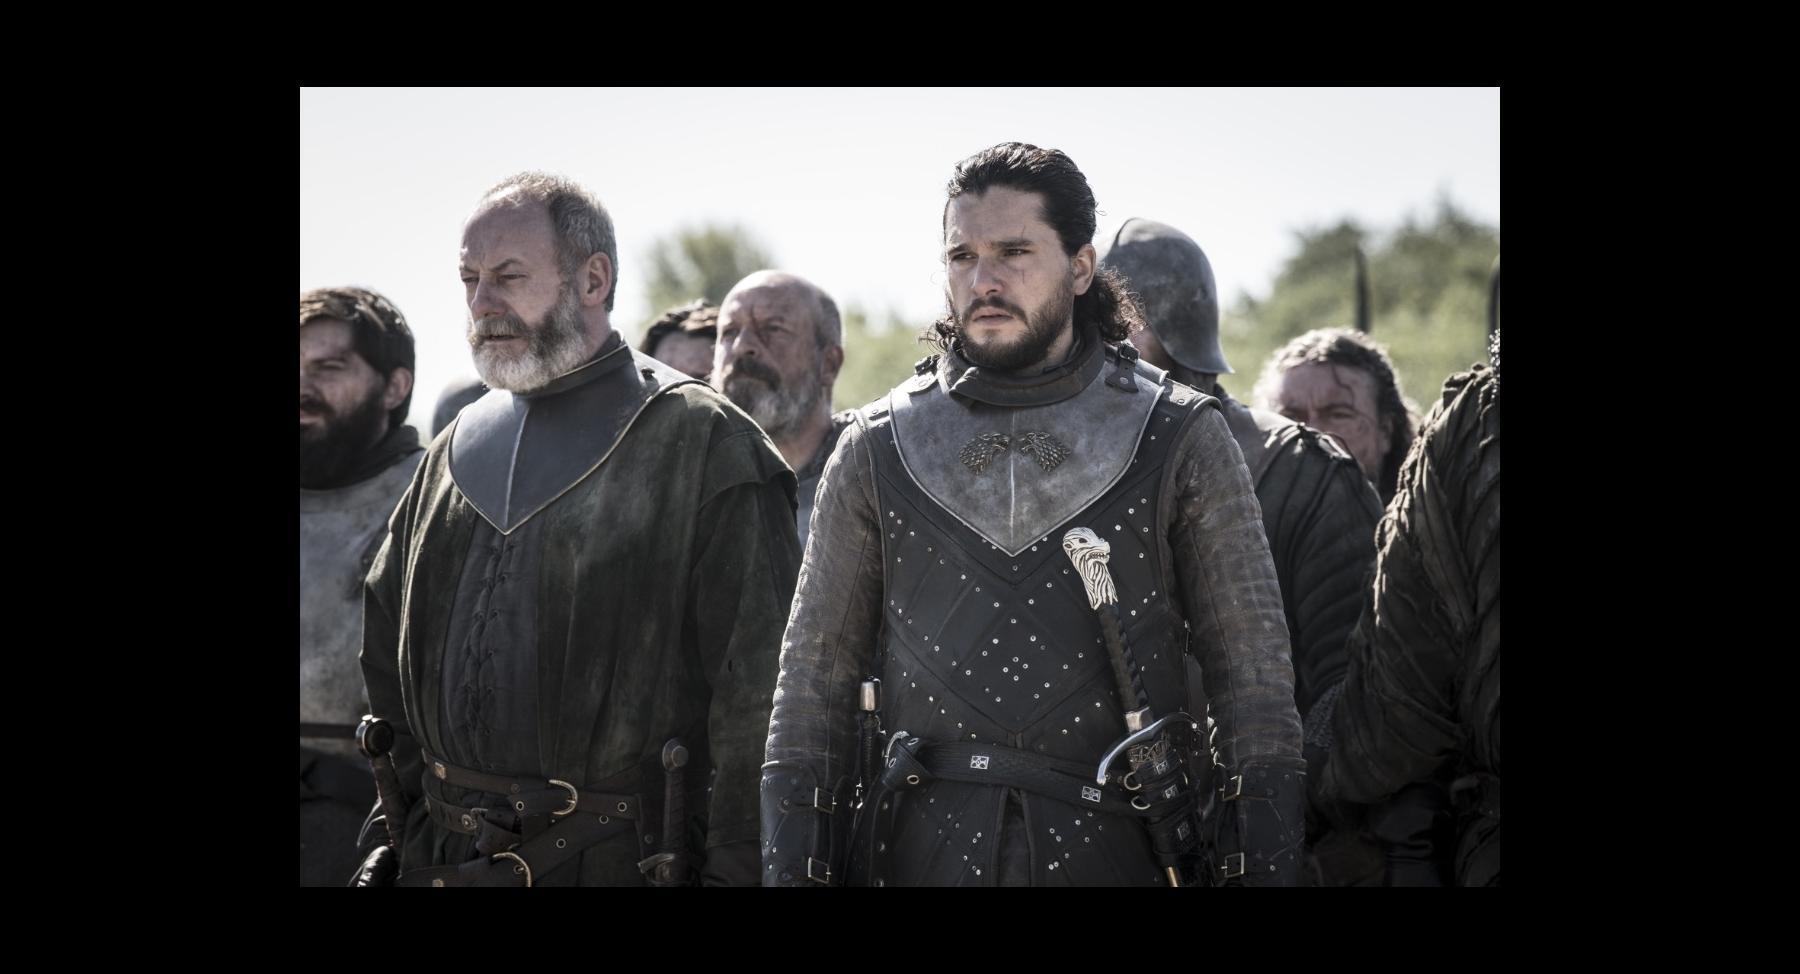 Στη δημοσιότητα οι φωτογραφίες του προτελευταίου επεισοδίου του Game of Thrones – News.gr